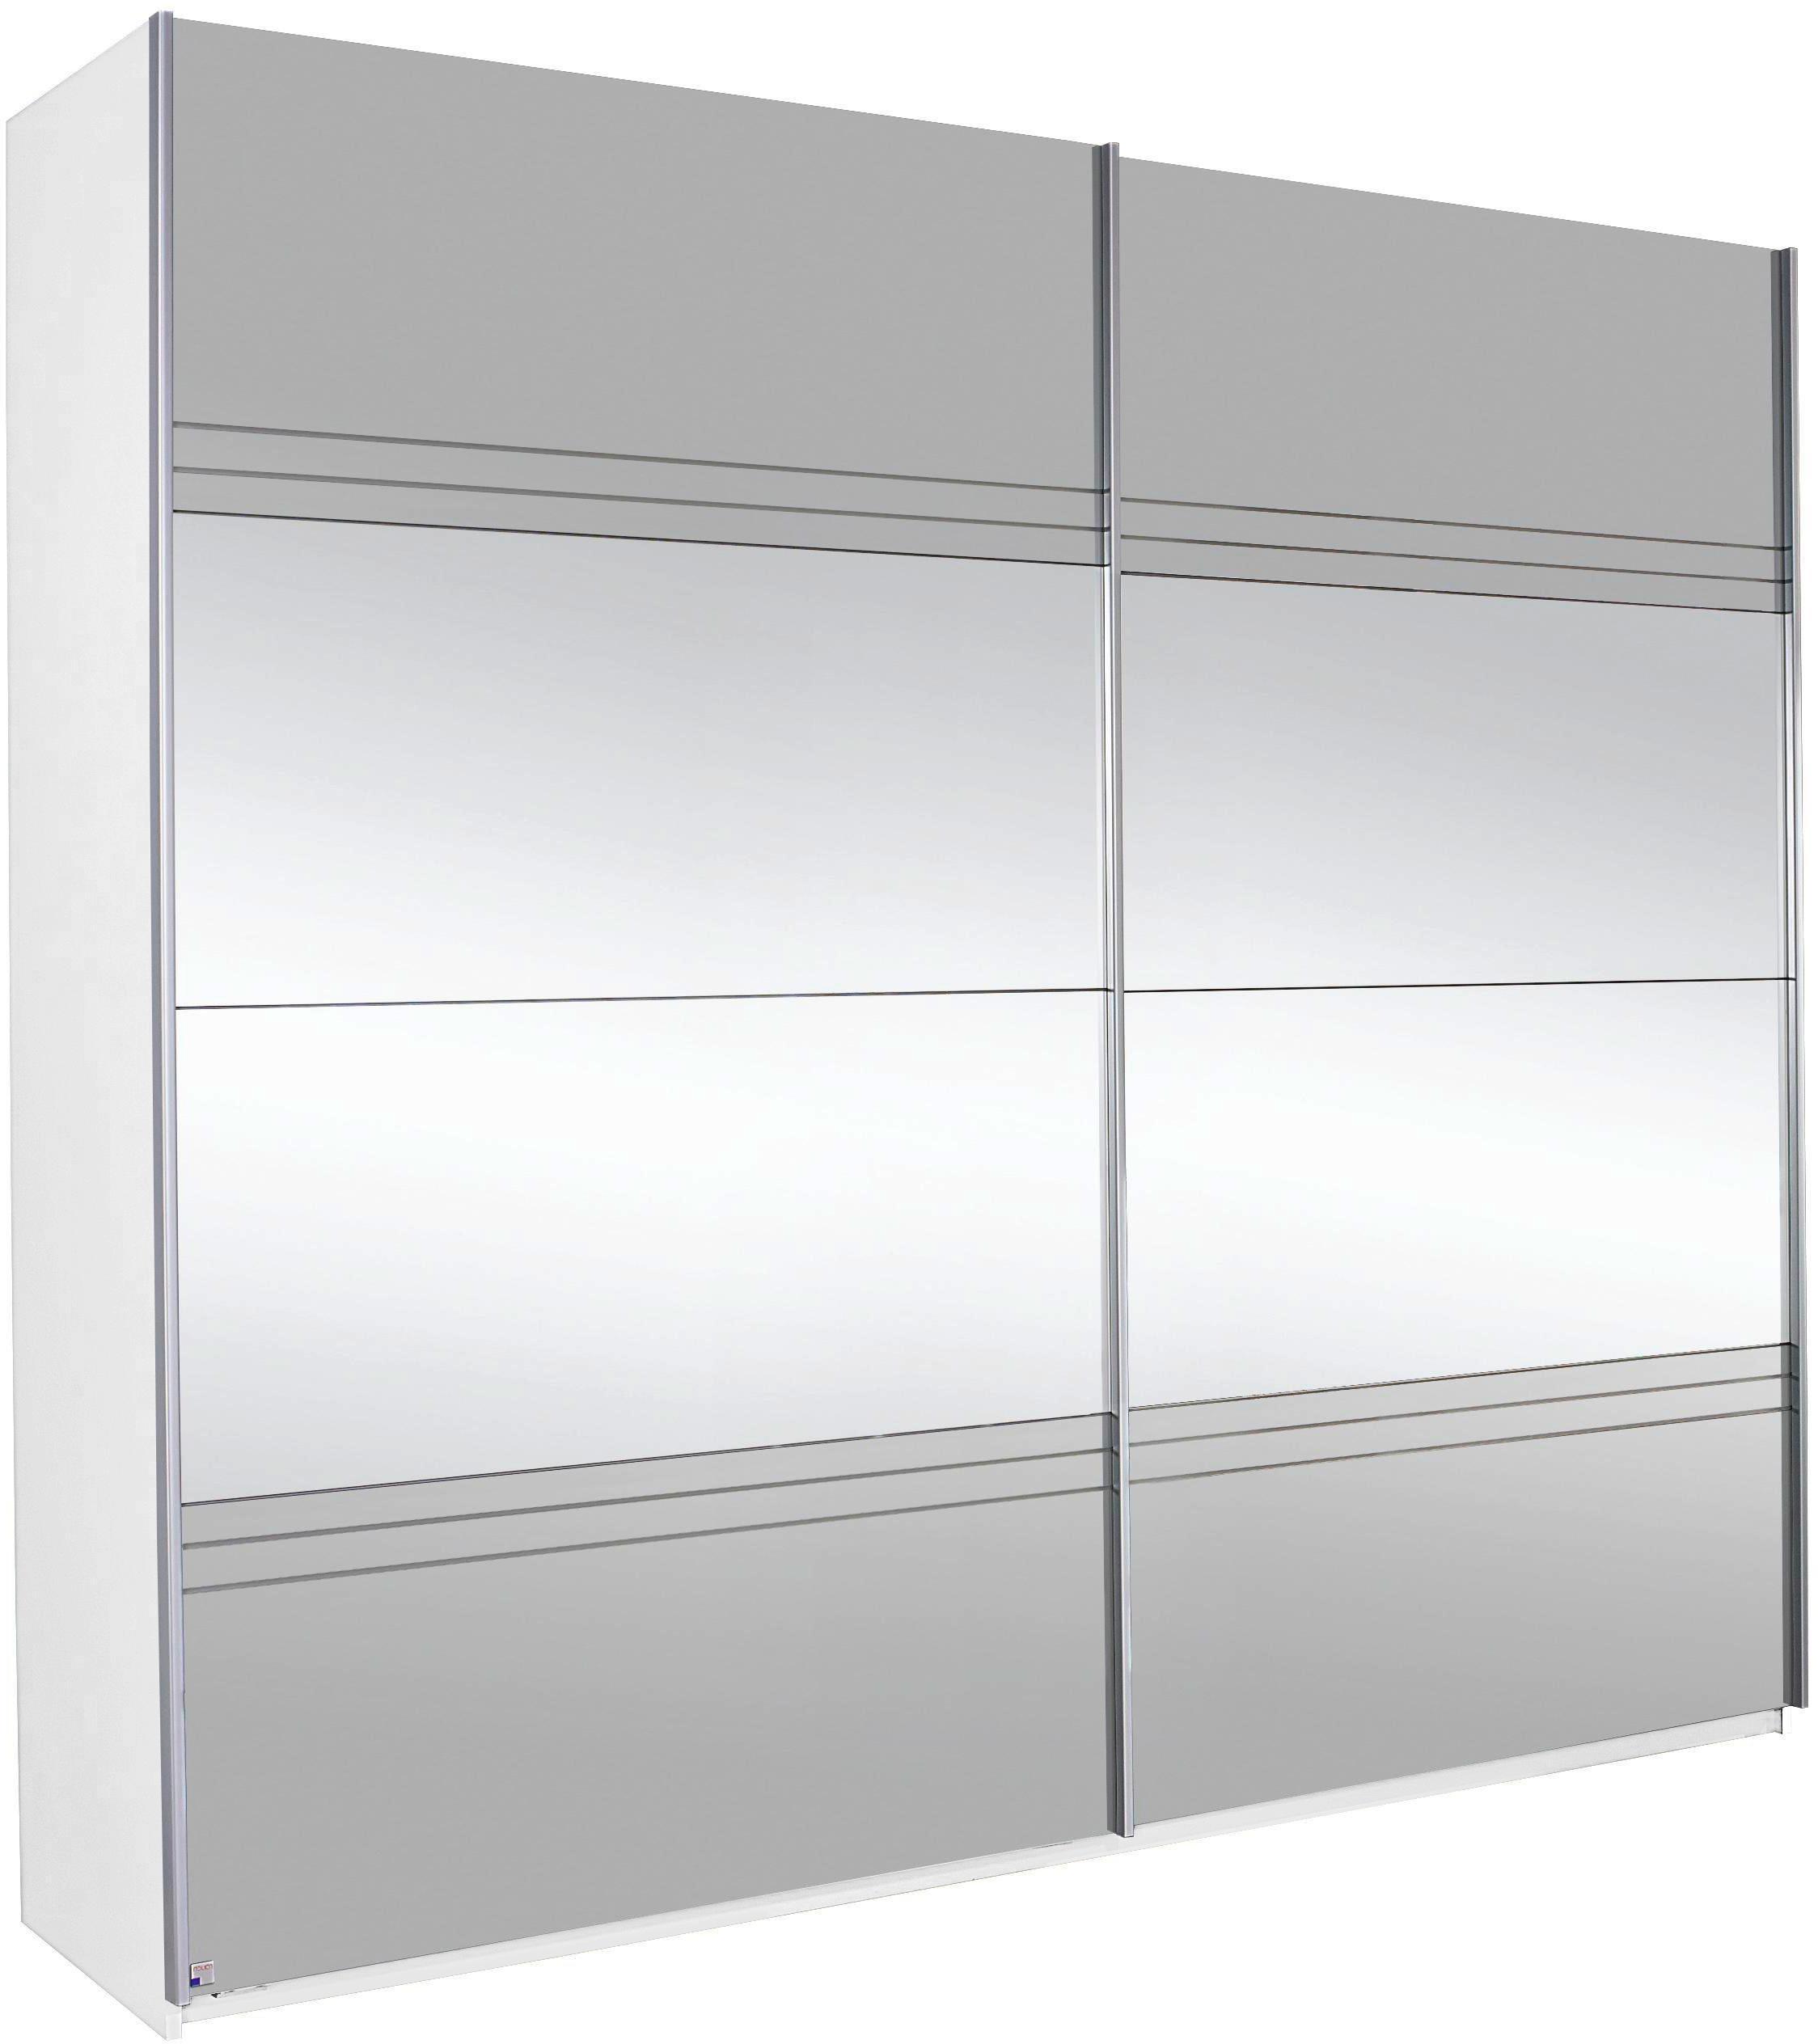 Mömax Badezimmer Schrank: Schwebetürenschrank Spiegel/Grauspiegel Online Kaufen Mömax